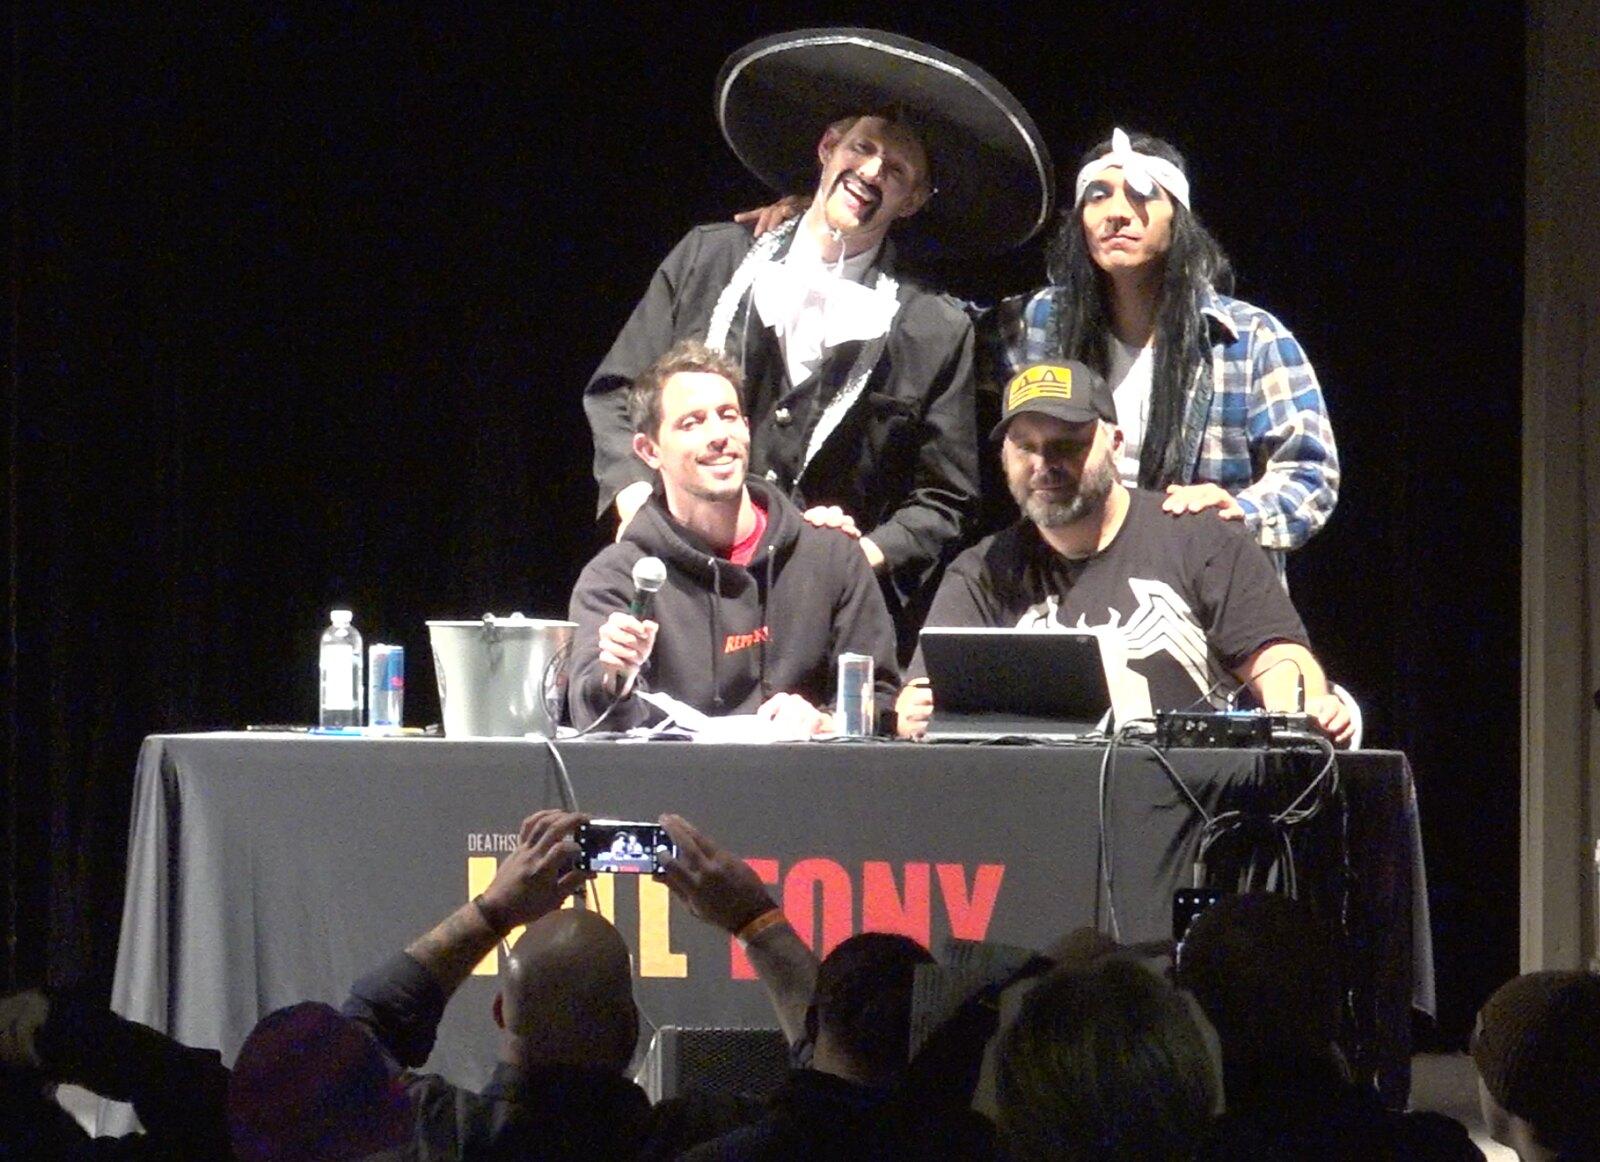 KILL TONY #420 – COLUMBUS